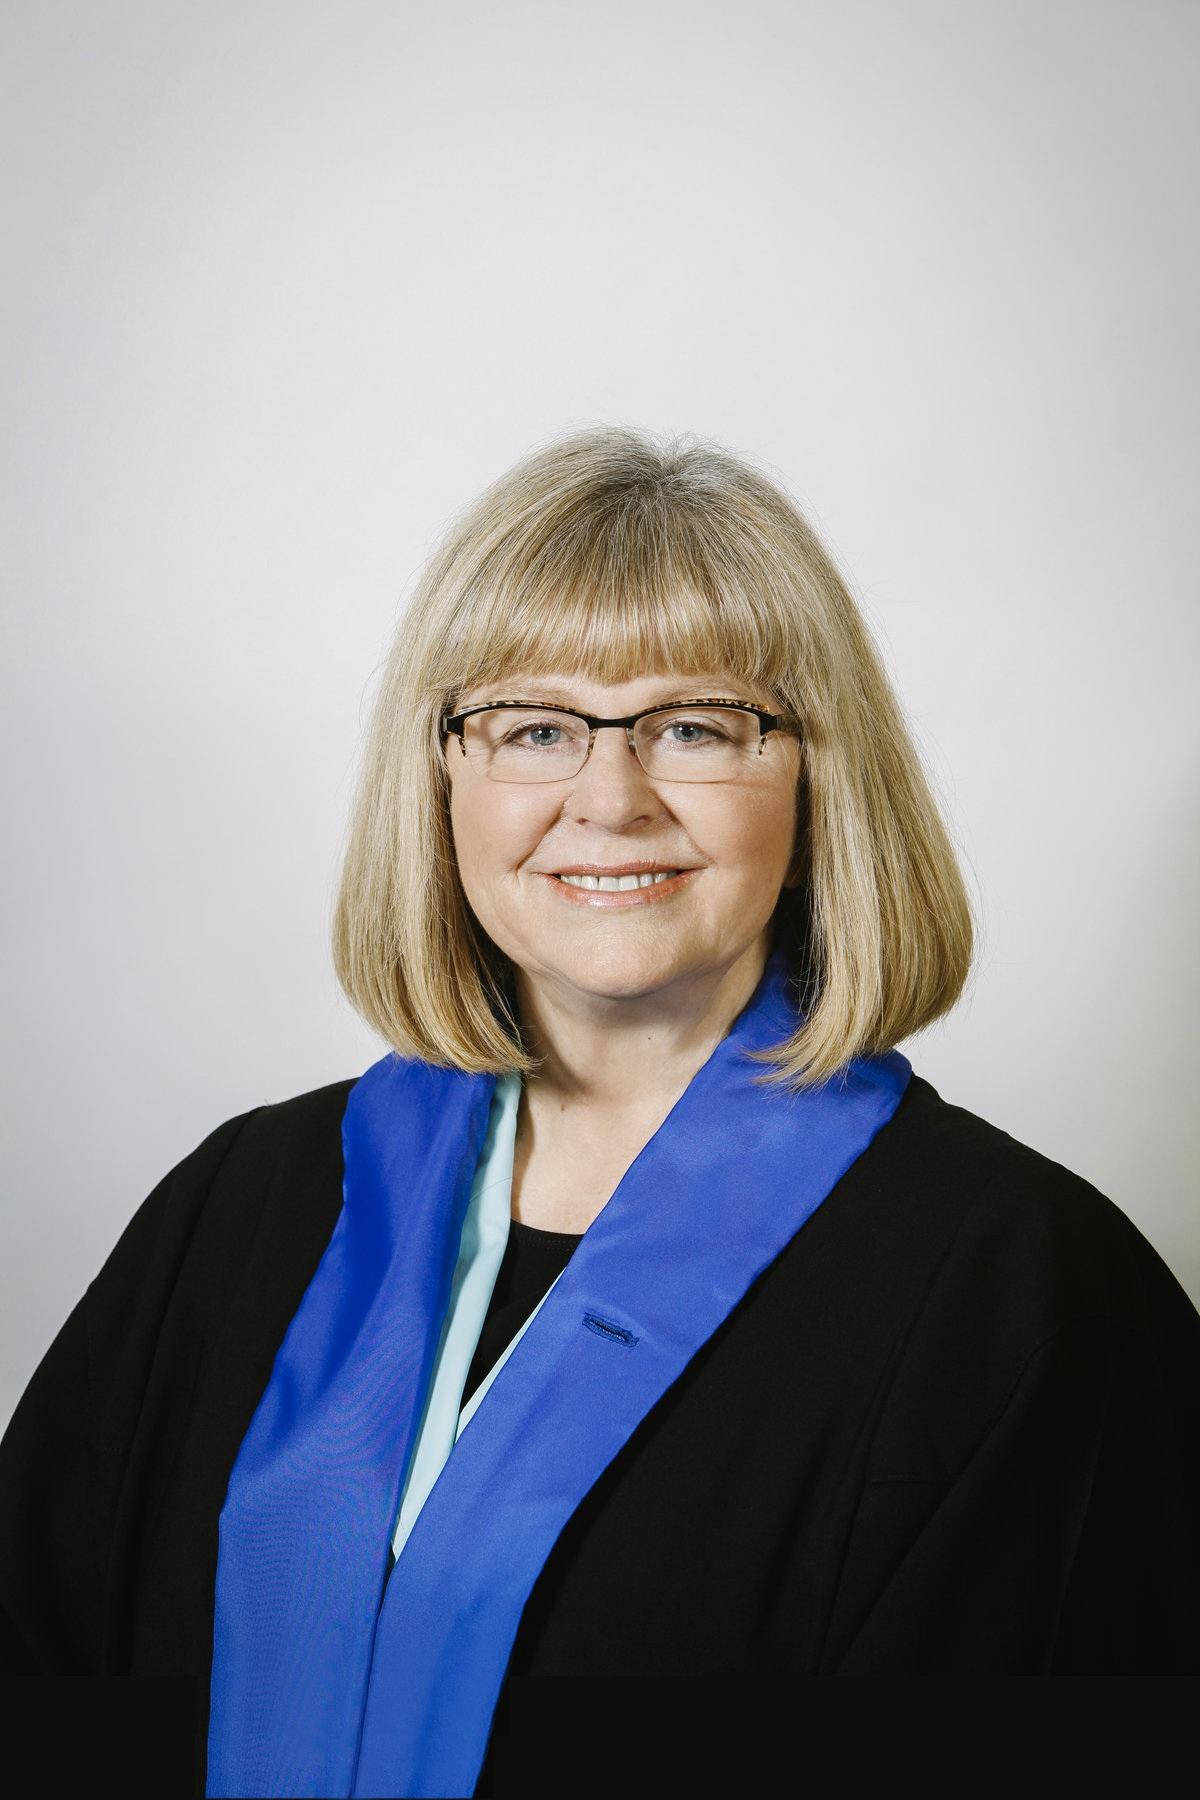 Susan clearihan